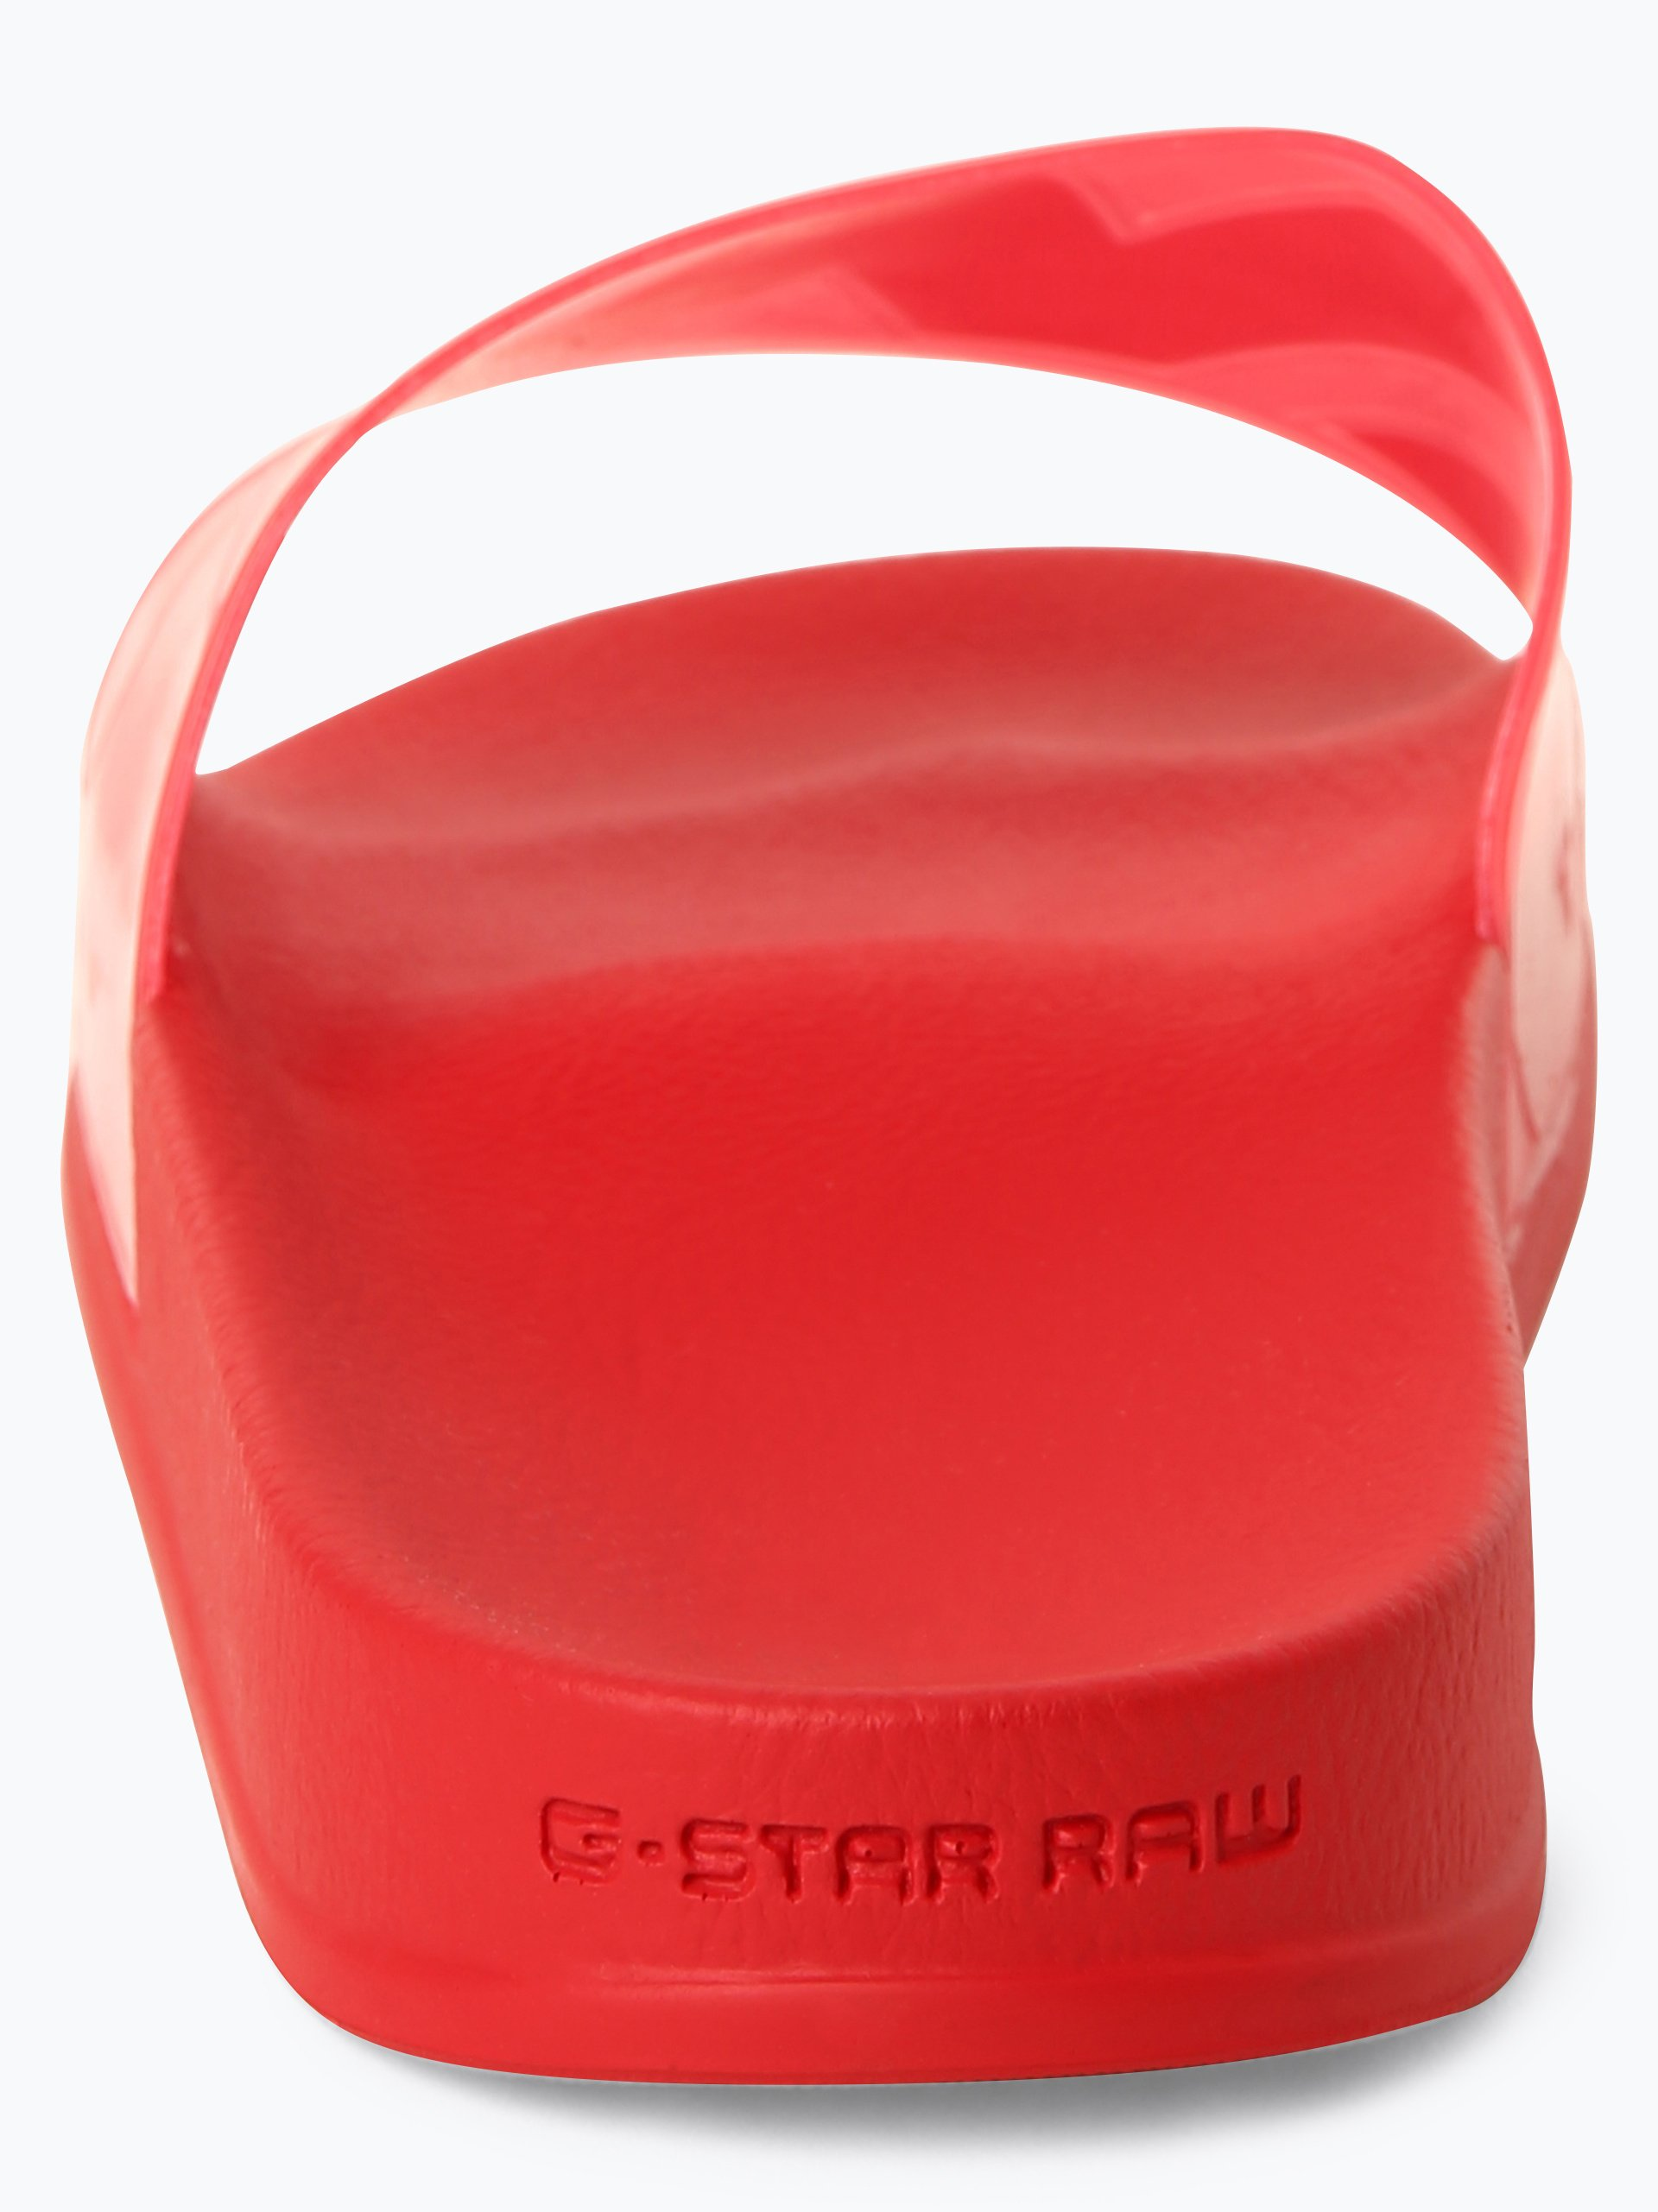 G-Star RAW Herren Badeschuhe - Cart